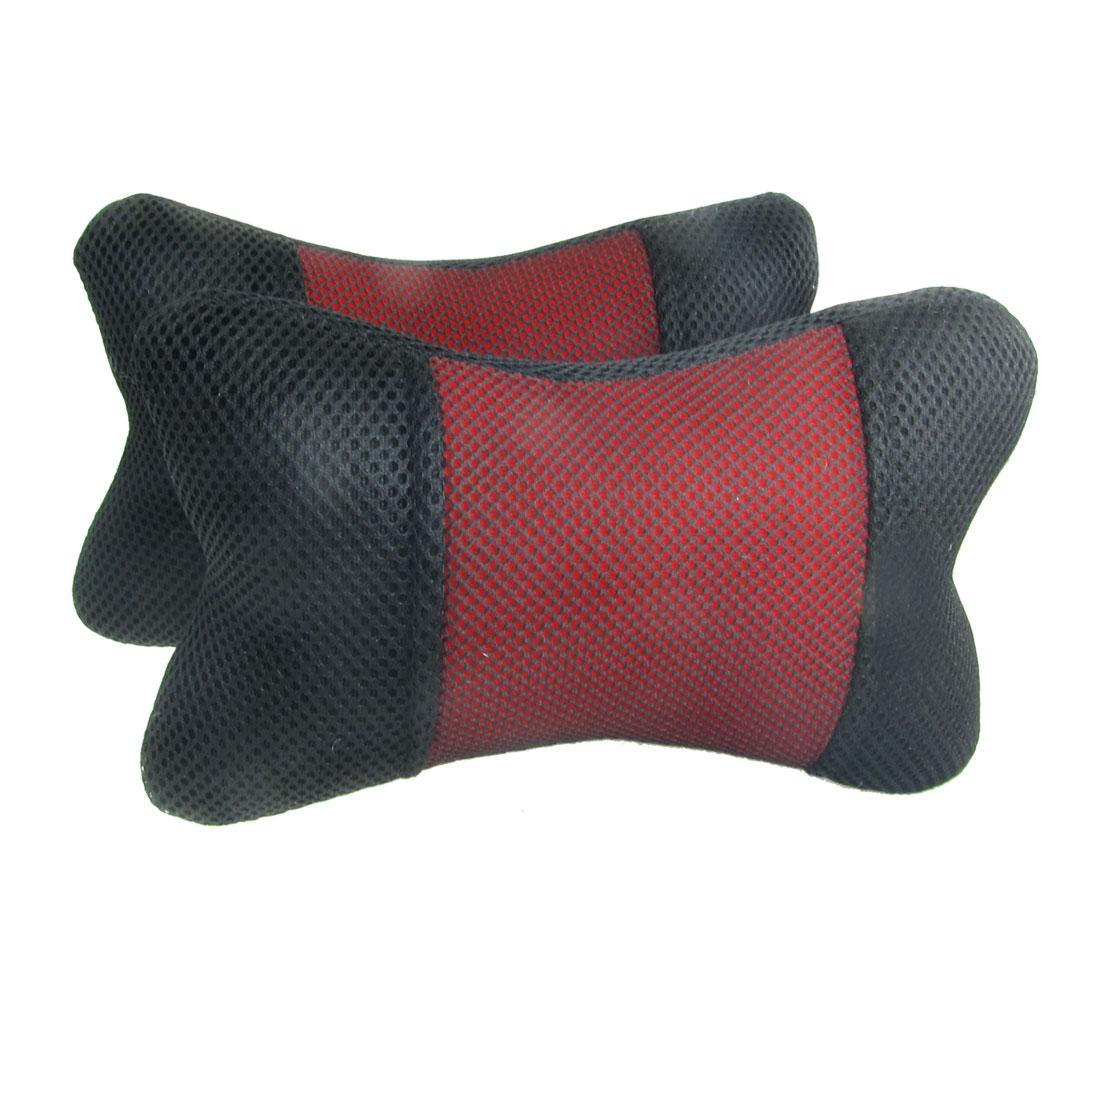 2 Pcs Nylon Mesh Cover Fibre Car Rest Pillow Cushion Black Red